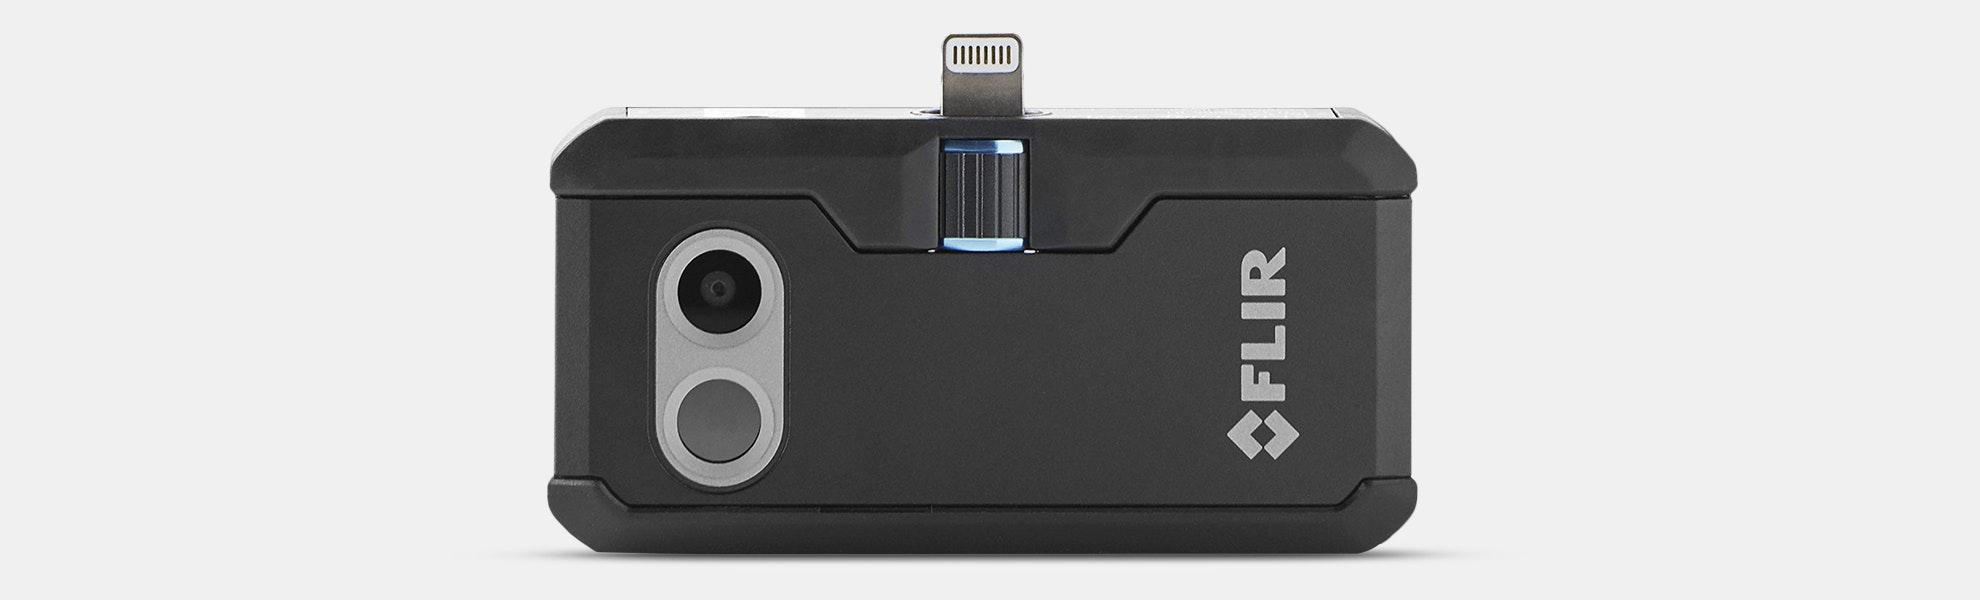 FLIR One Pro LT Thermal Imaging Camera